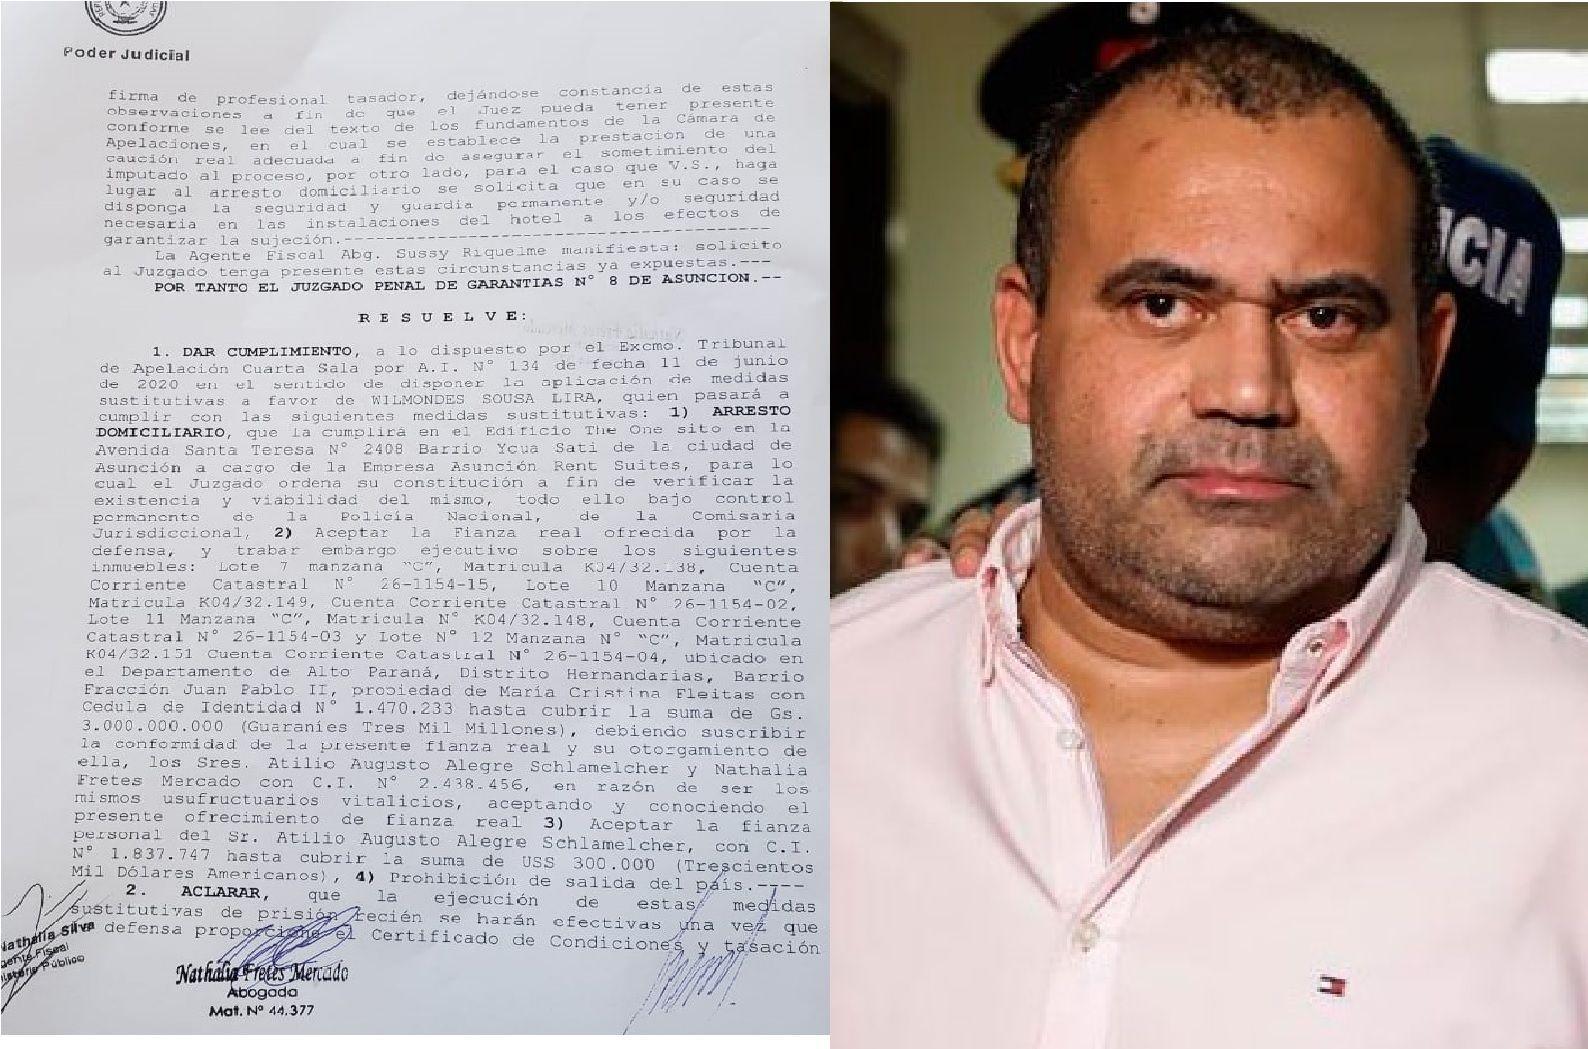 La orden de arresto domiciliario de Wilmondes Sousa Lira dada en junio de este año. Hoy tiene paradero desconocido.